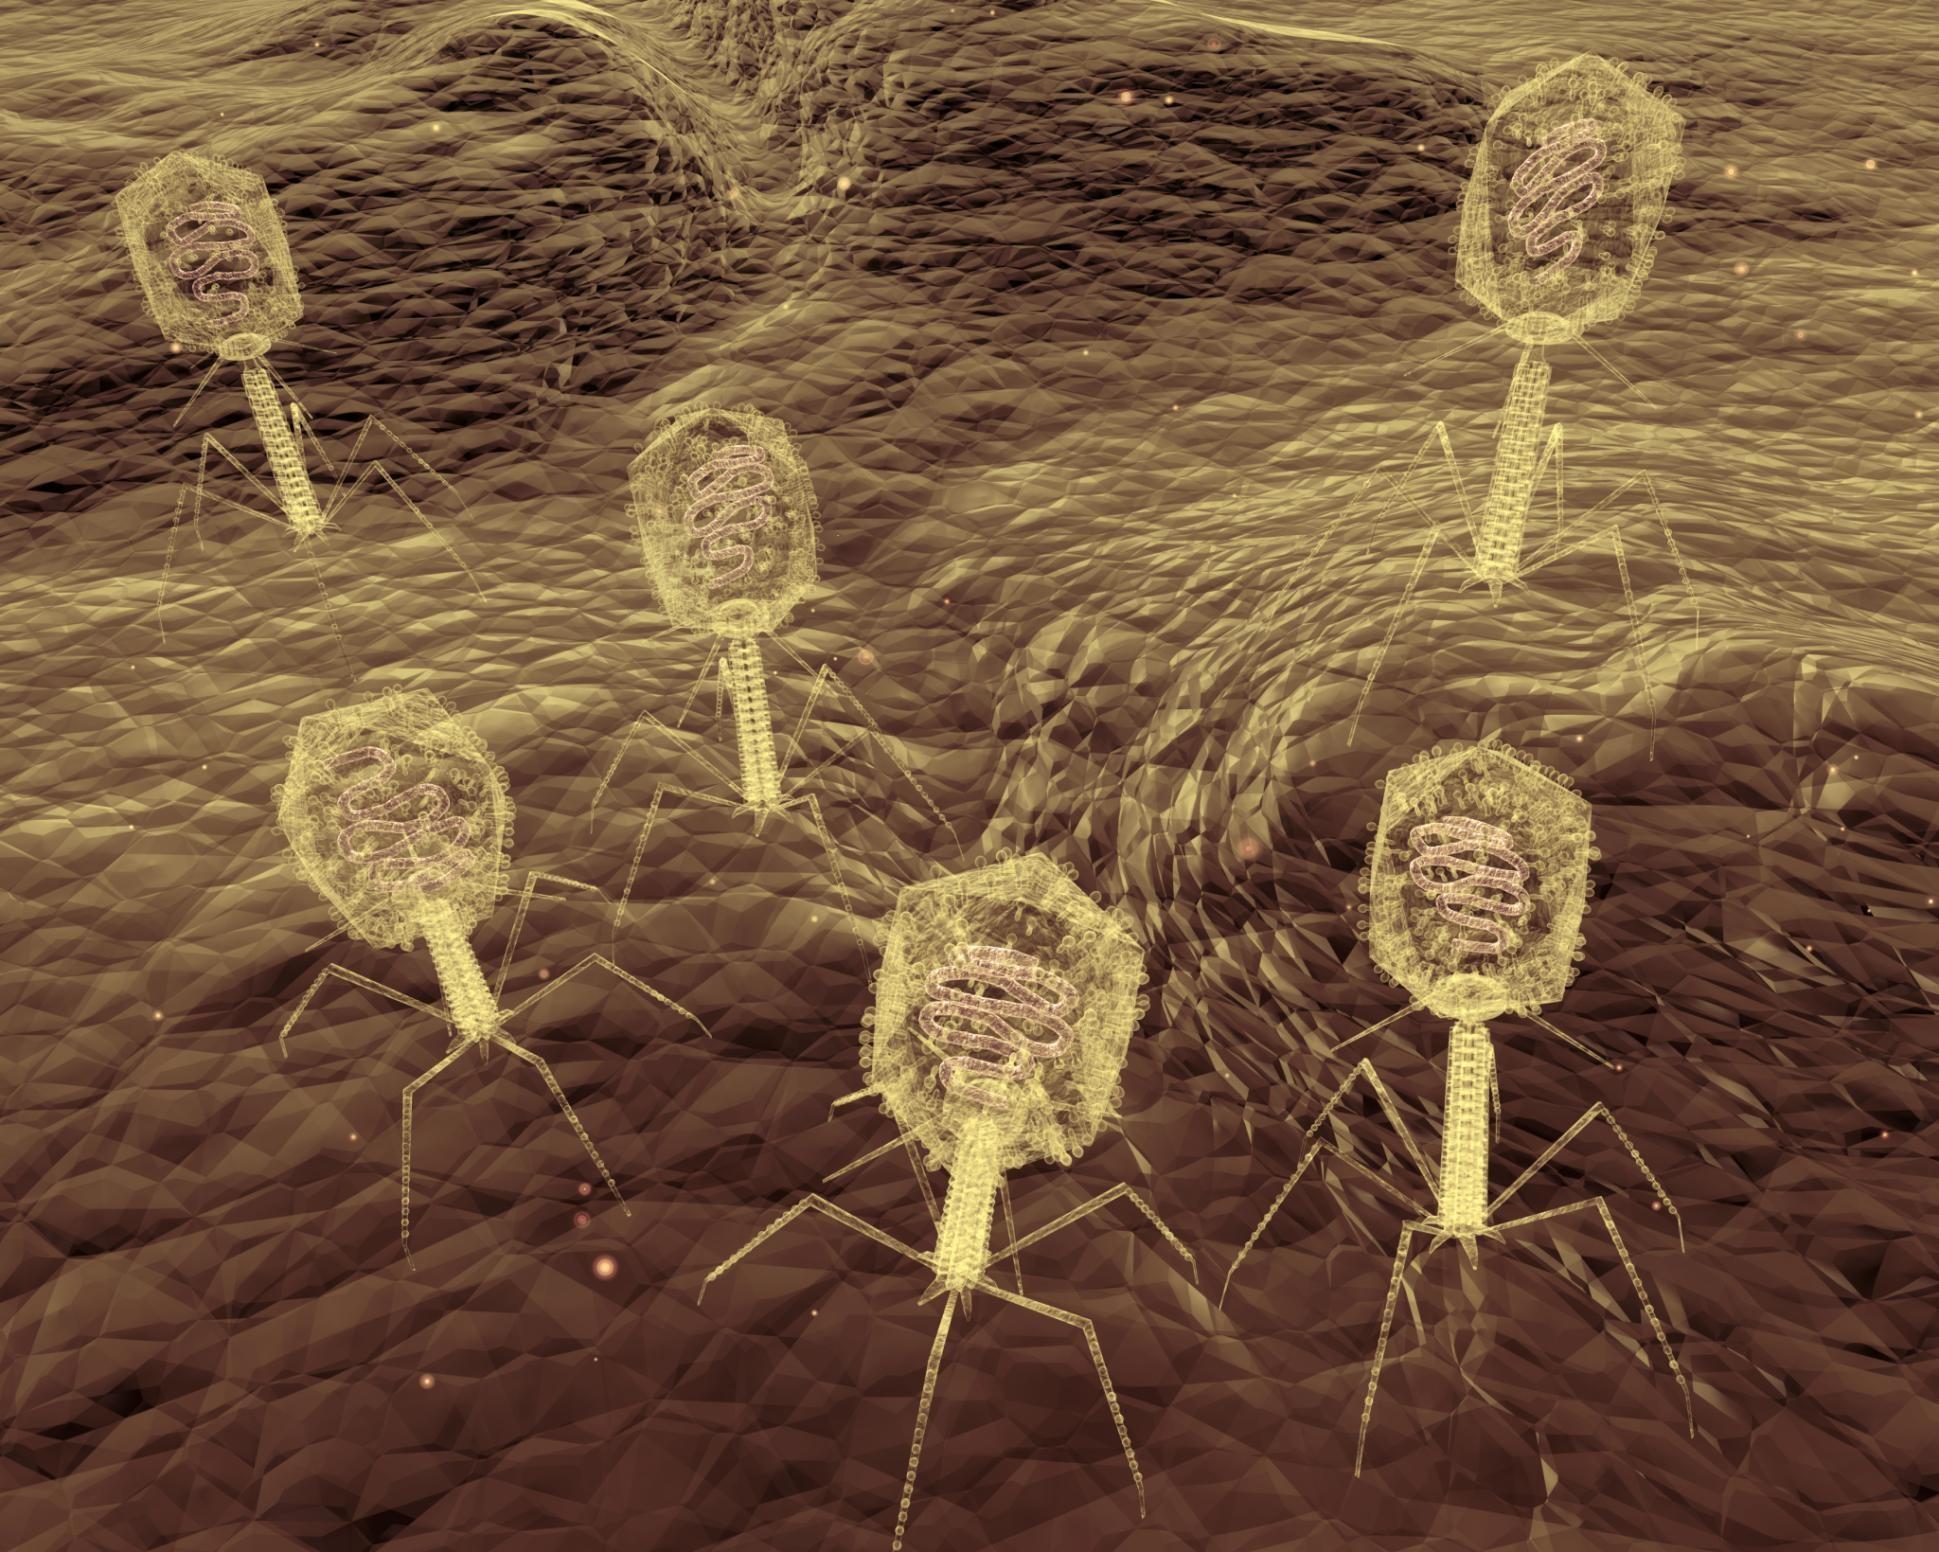 Стало известно о пробуждении древних вирусов